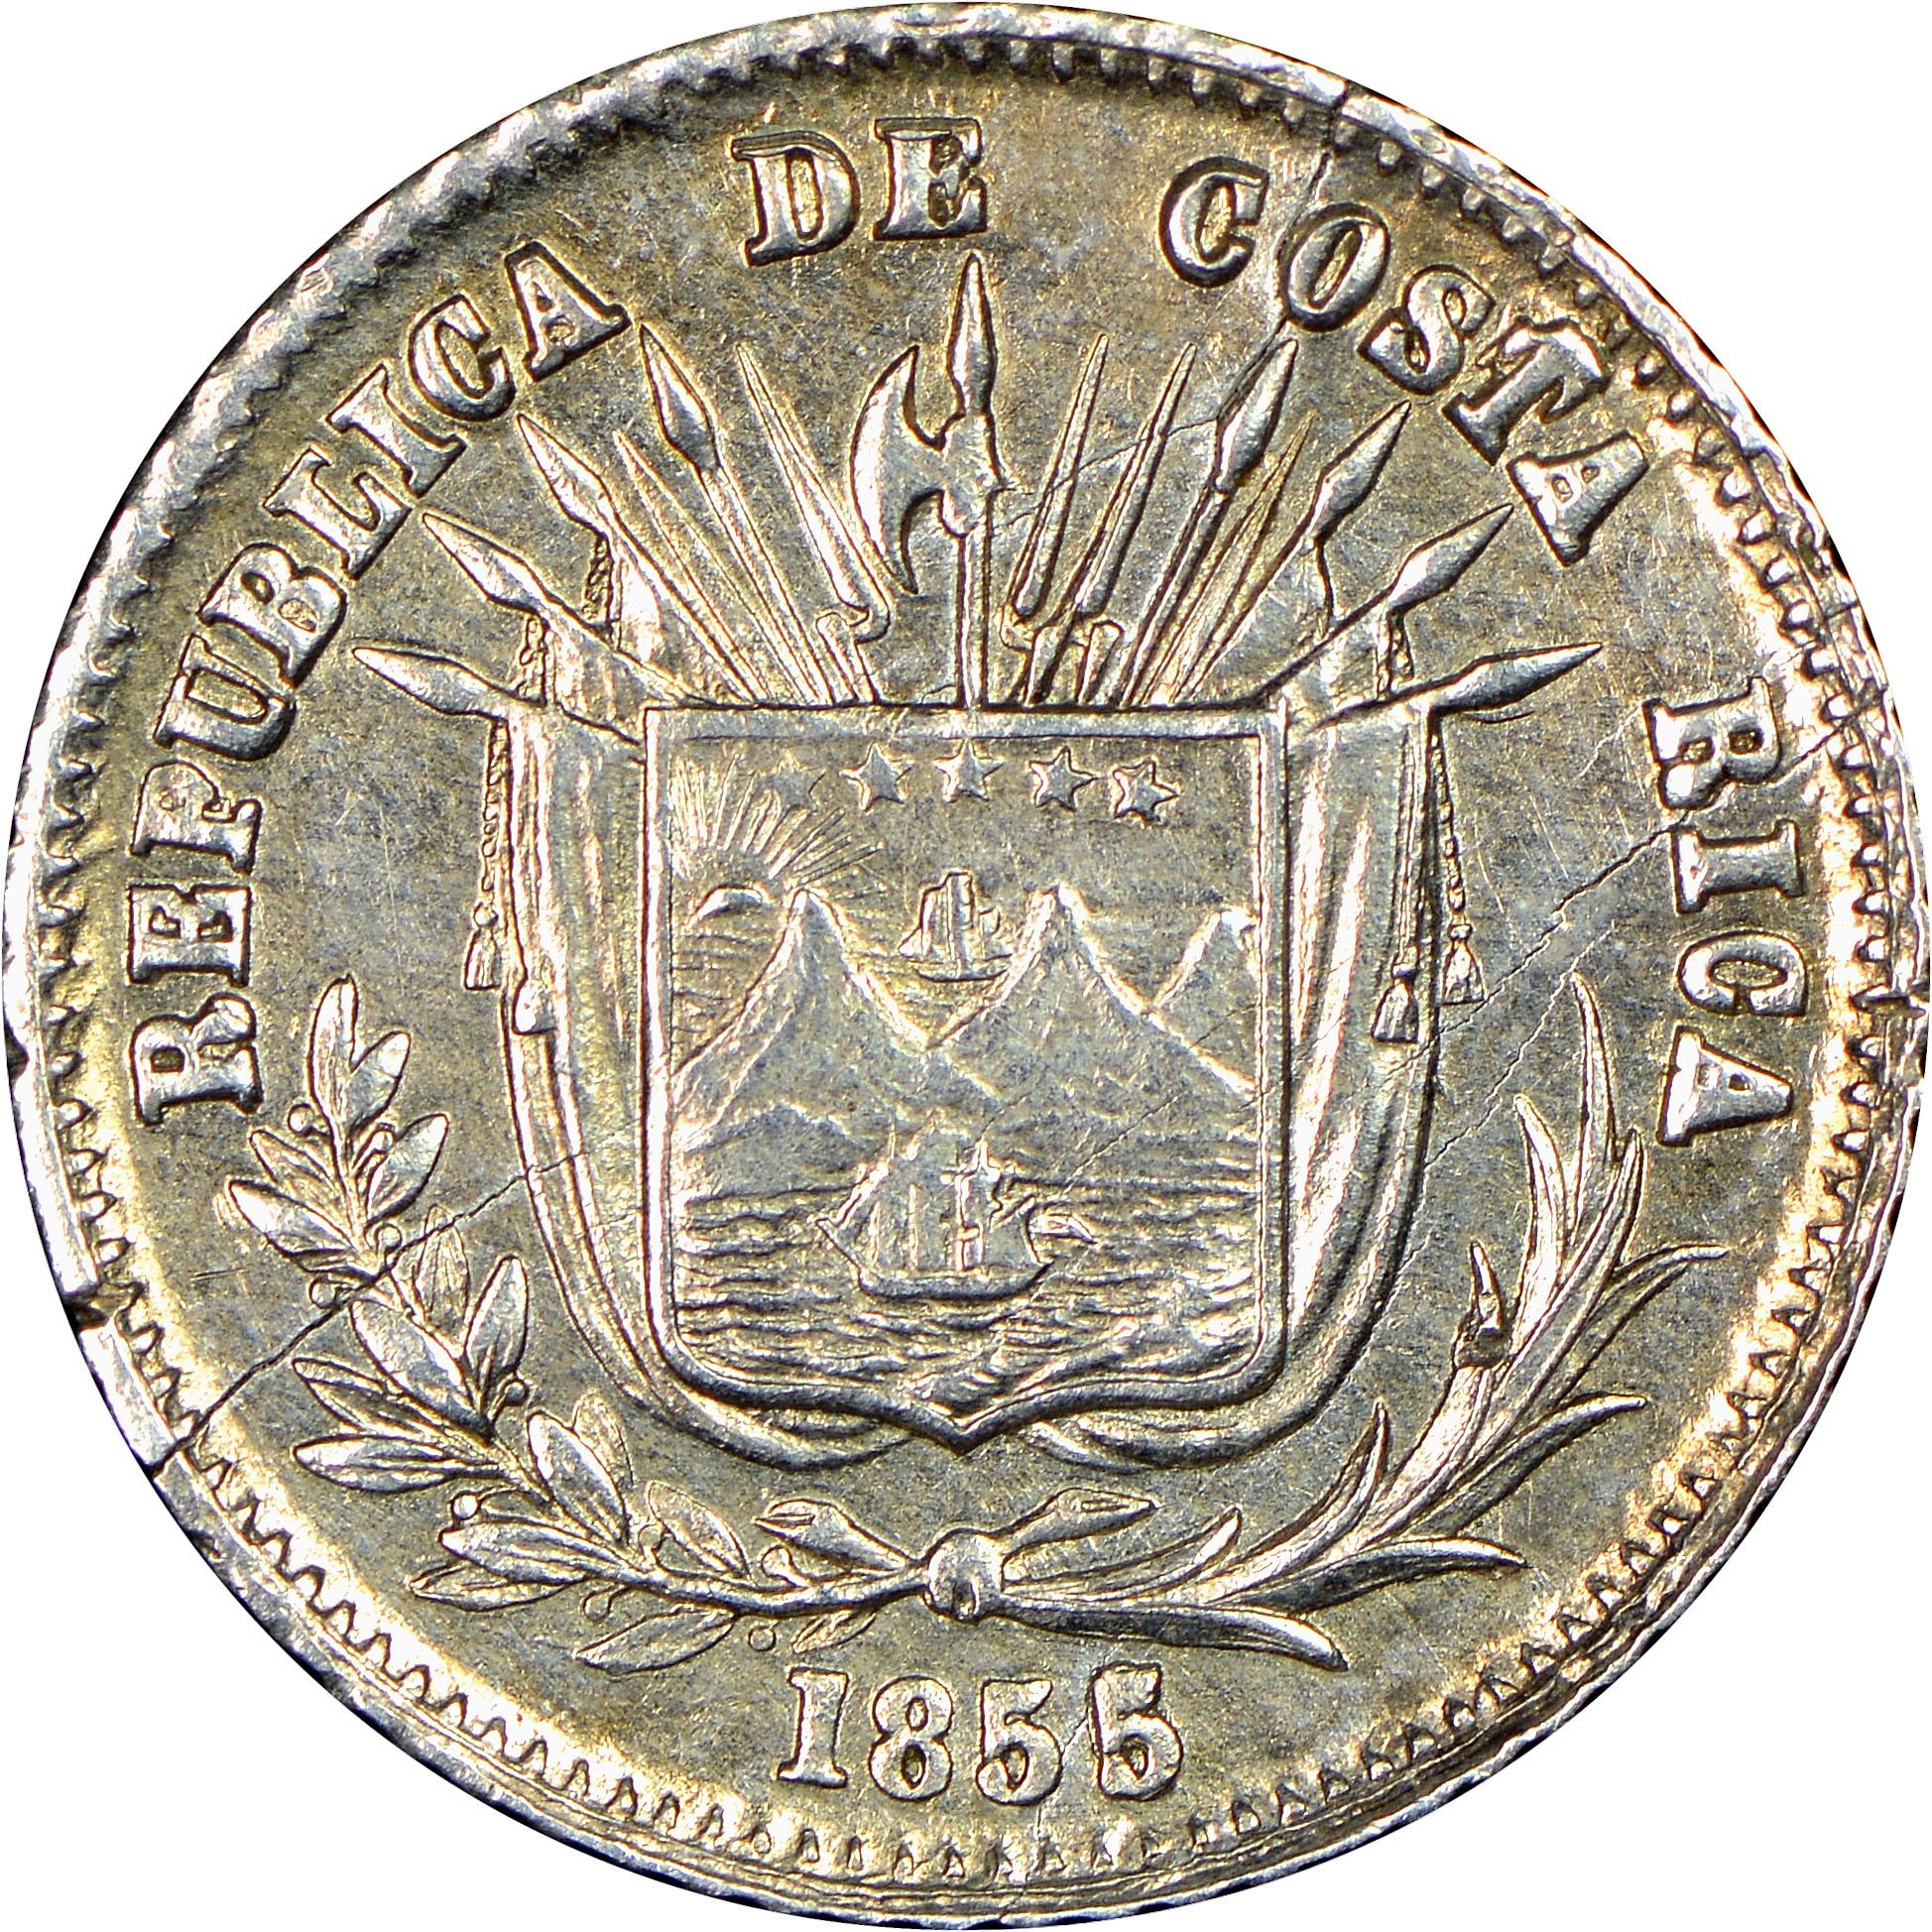 1850-1862 Costa Rica 1/16 Peso obverse